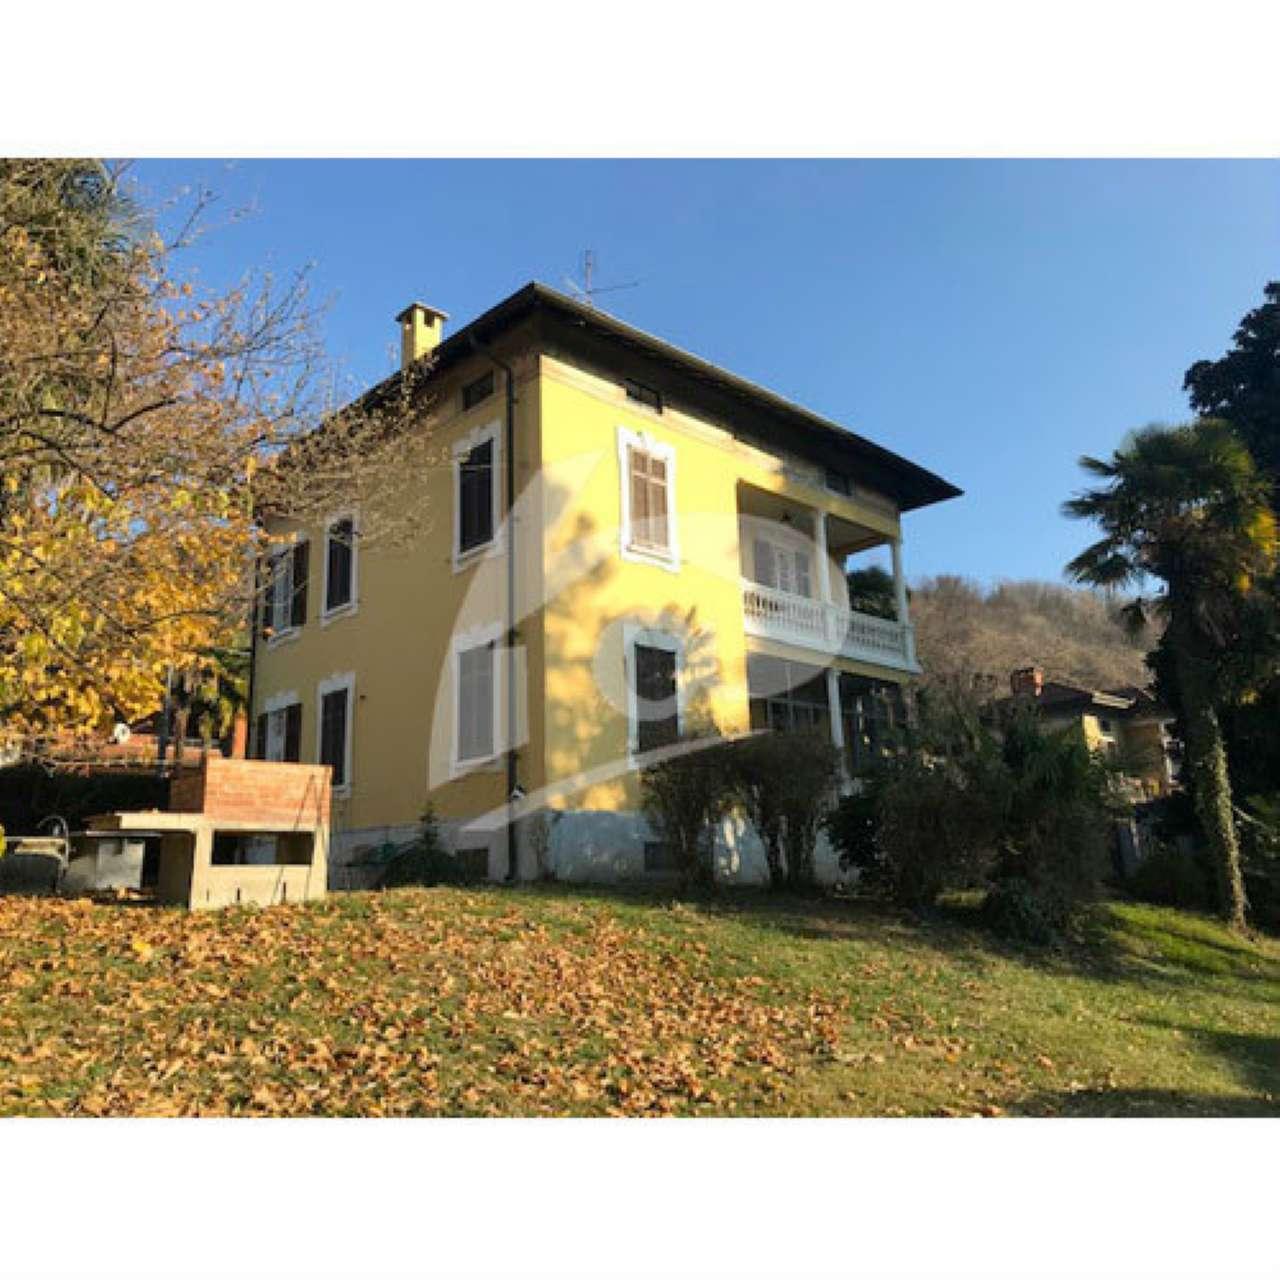 Villa in affitto a Cittiglio, 6 locali, prezzo € 1.400 | CambioCasa.it